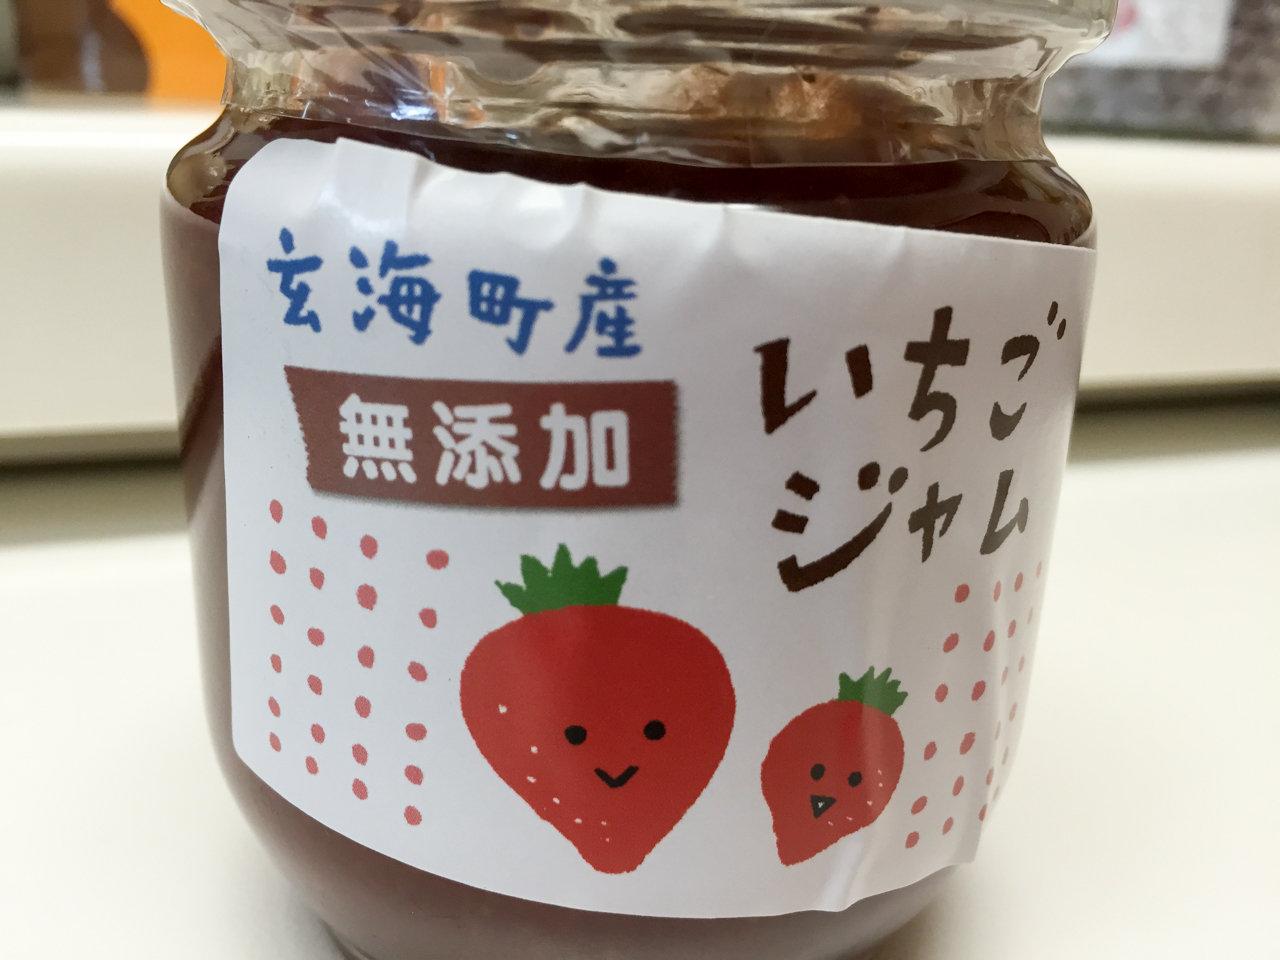 佐賀県玄海町の無添加いちごジャムは5000円でもらえるよ【ふるさと納税】